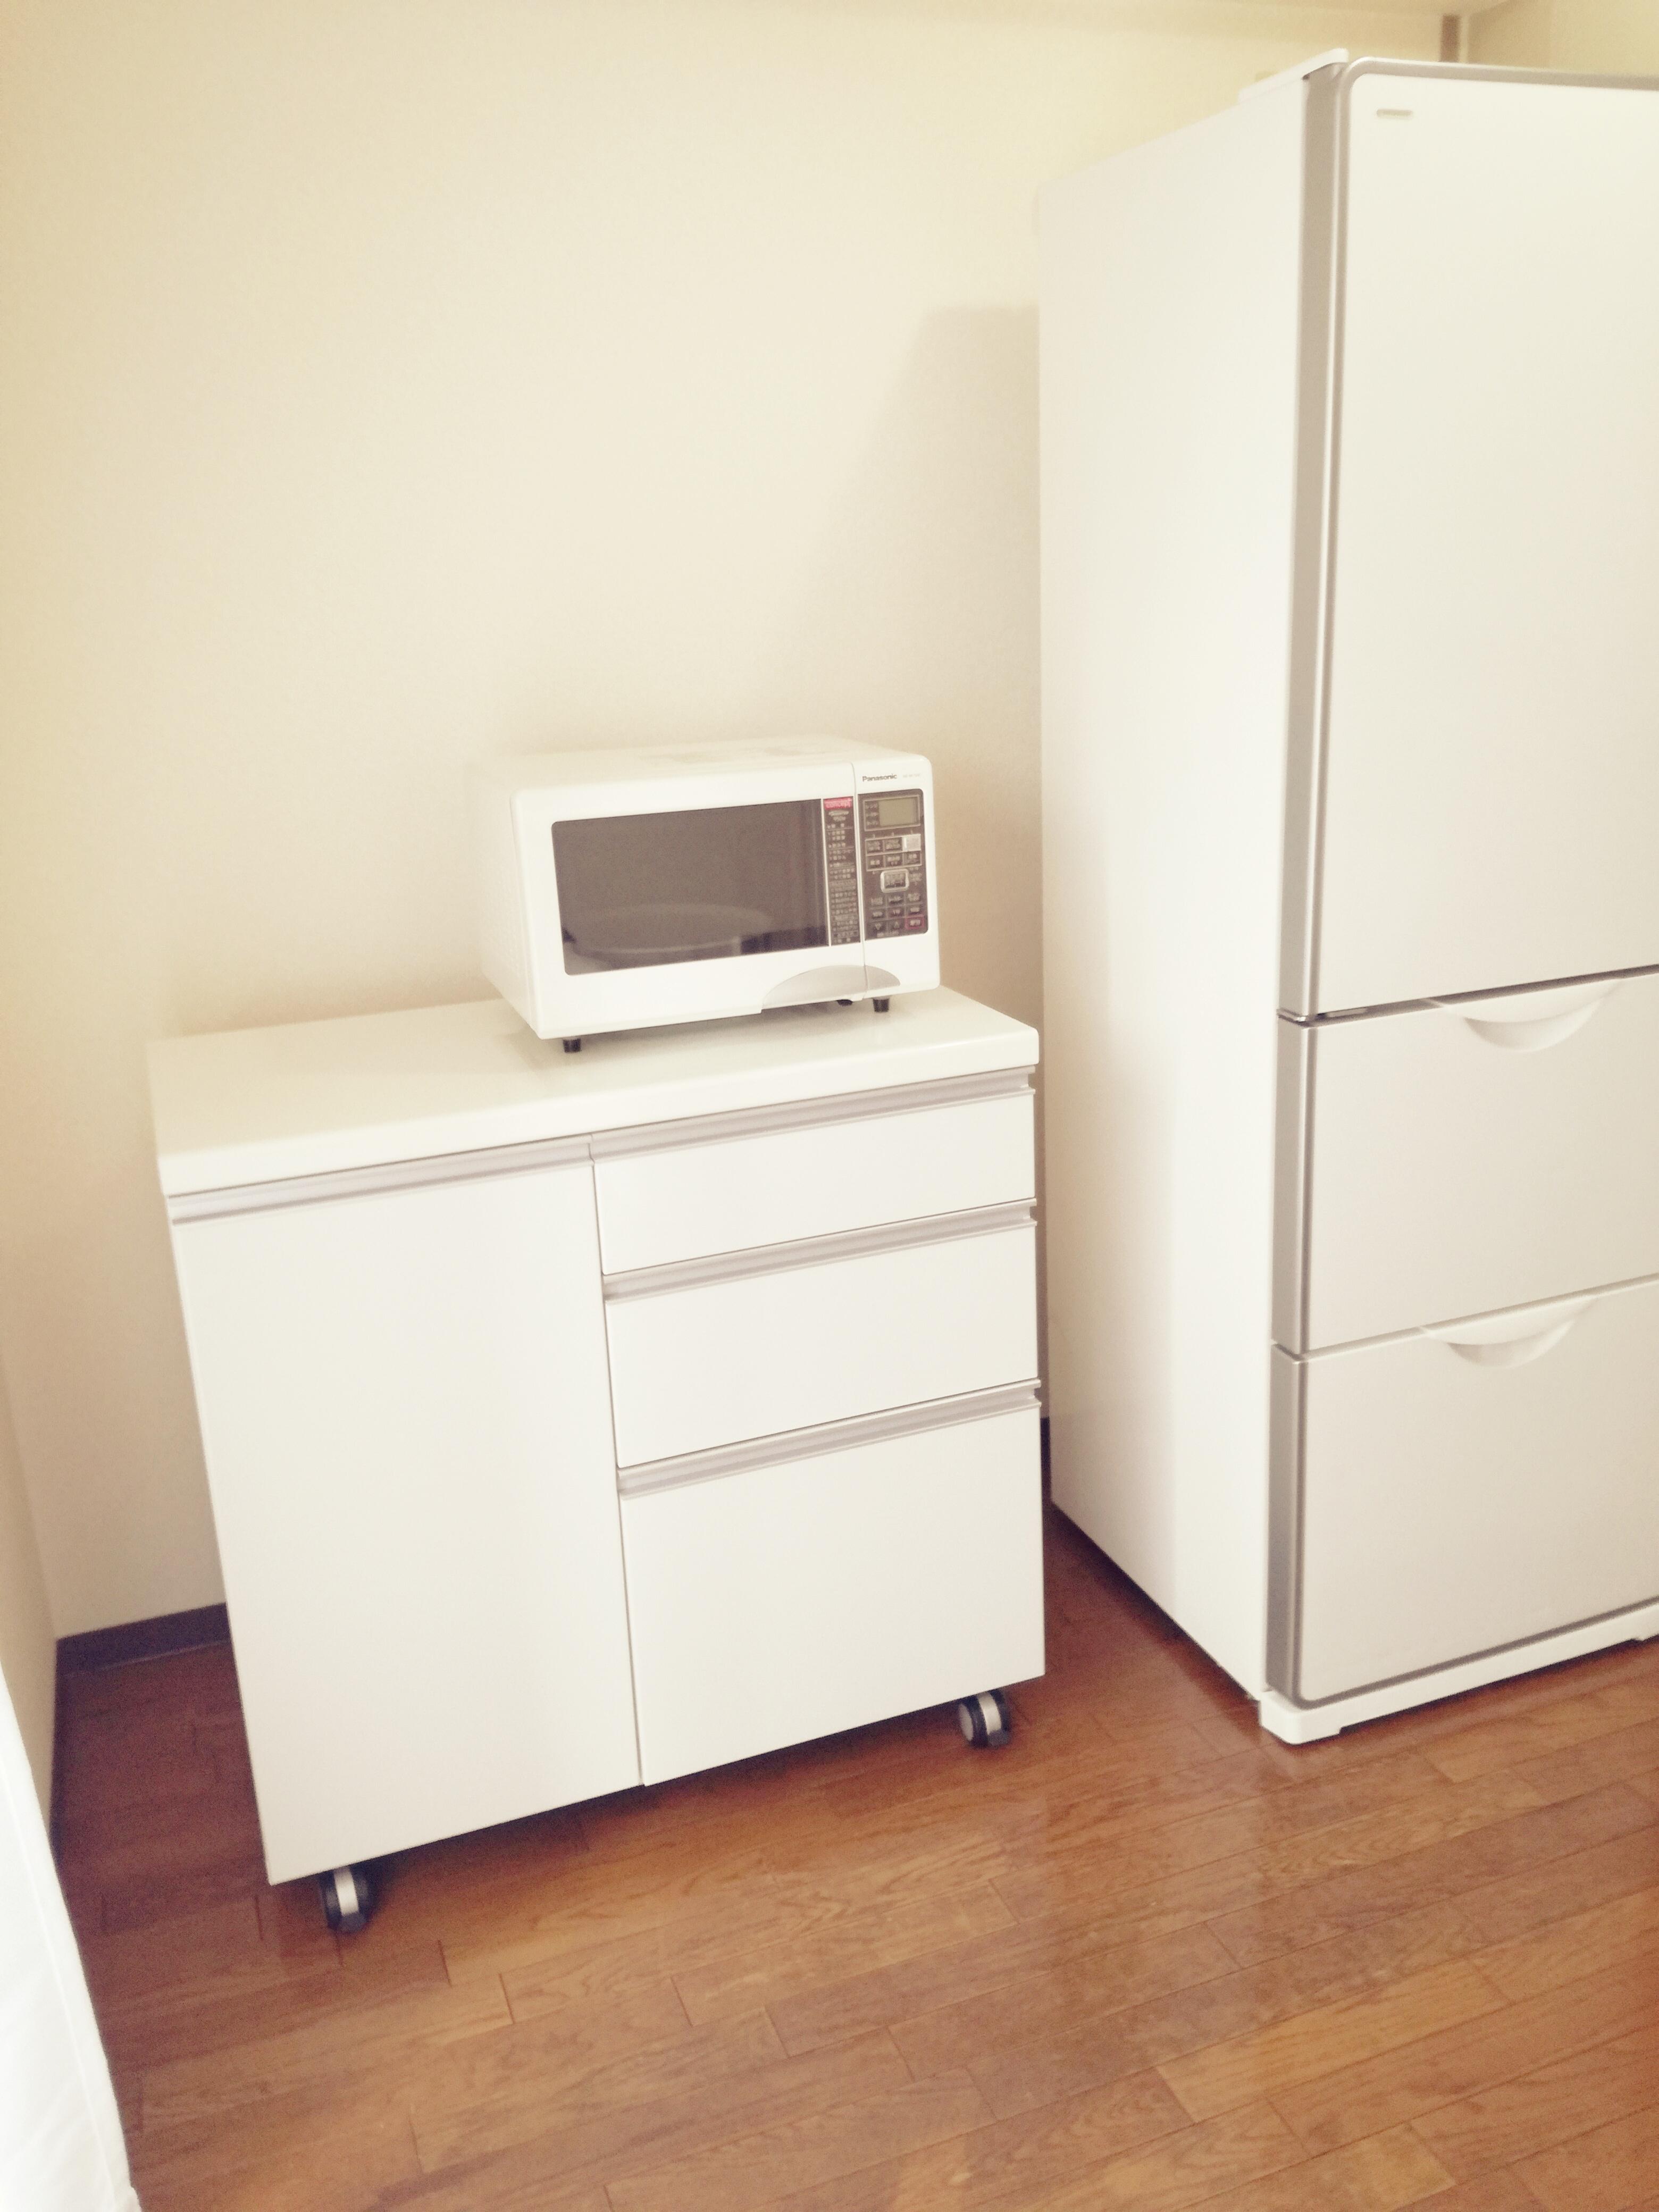 キッチンカウンターと冷蔵庫。